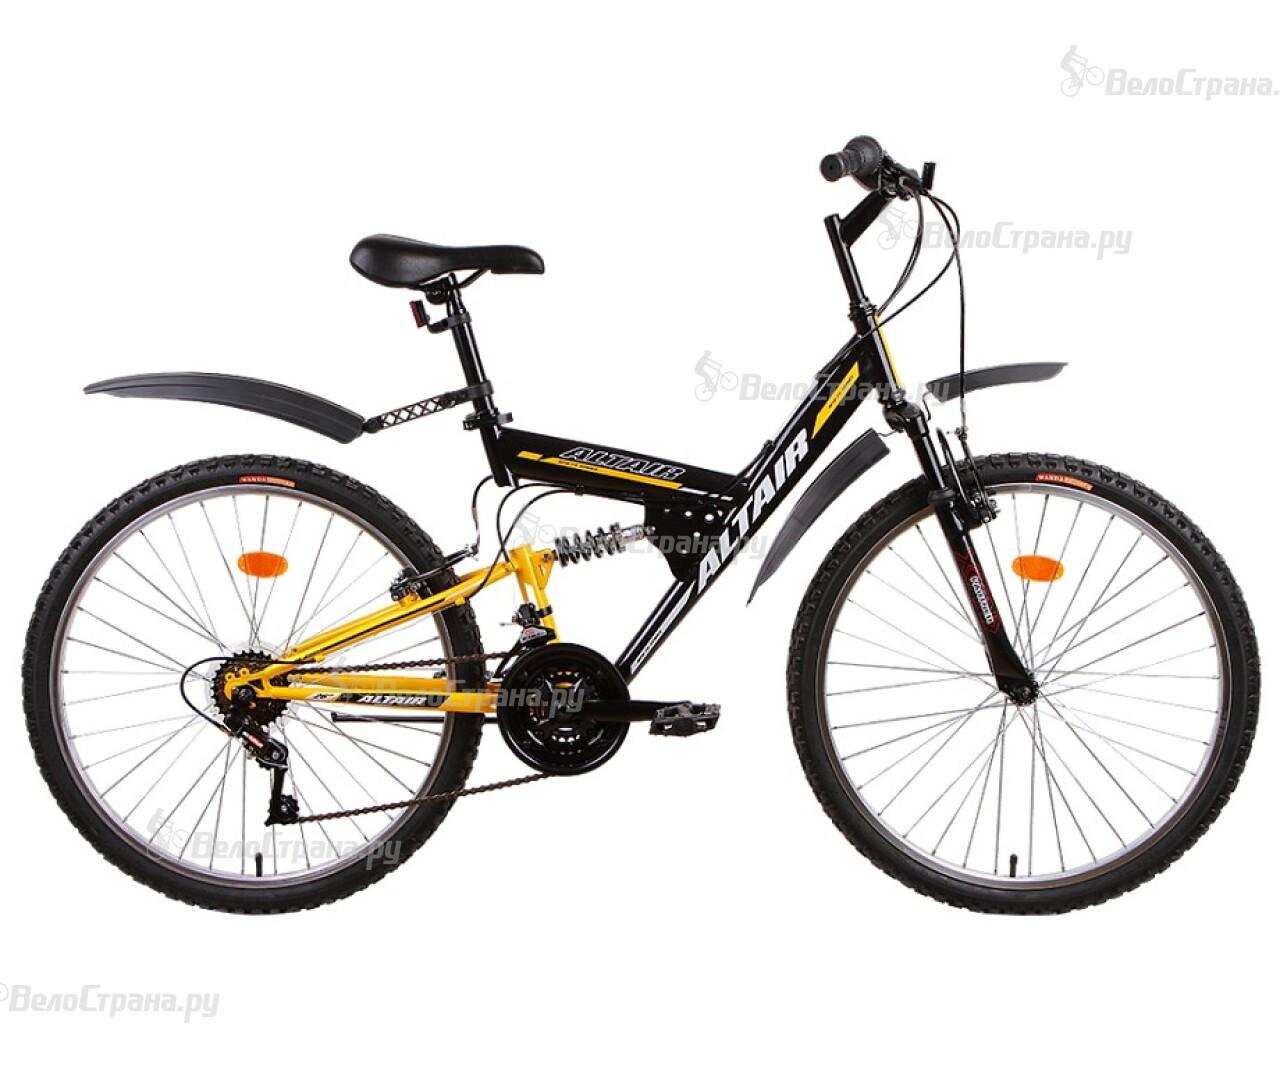 Велосипед Forward Altair MTB FS 26 (2014) велосипед challenger mission lux fs 26 черно красный 16